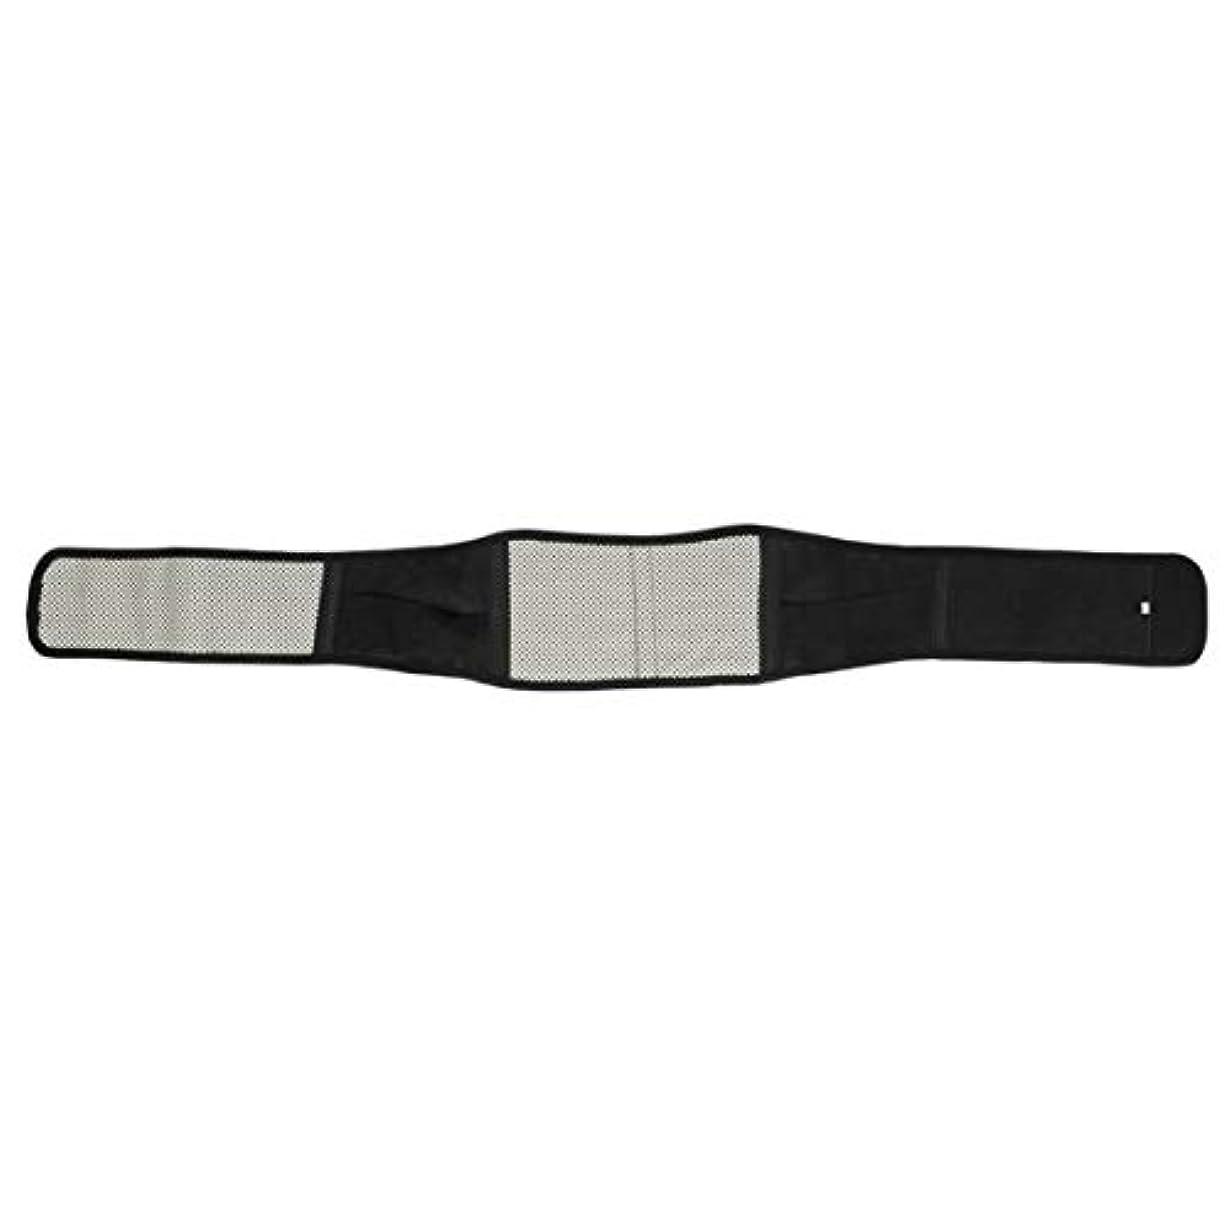 ペチュランスパイル羽腰部サポート痛みマッサージャー赤外線磁気バックブレース自己加熱療法ウエストベルト調節可能な姿勢ベルト